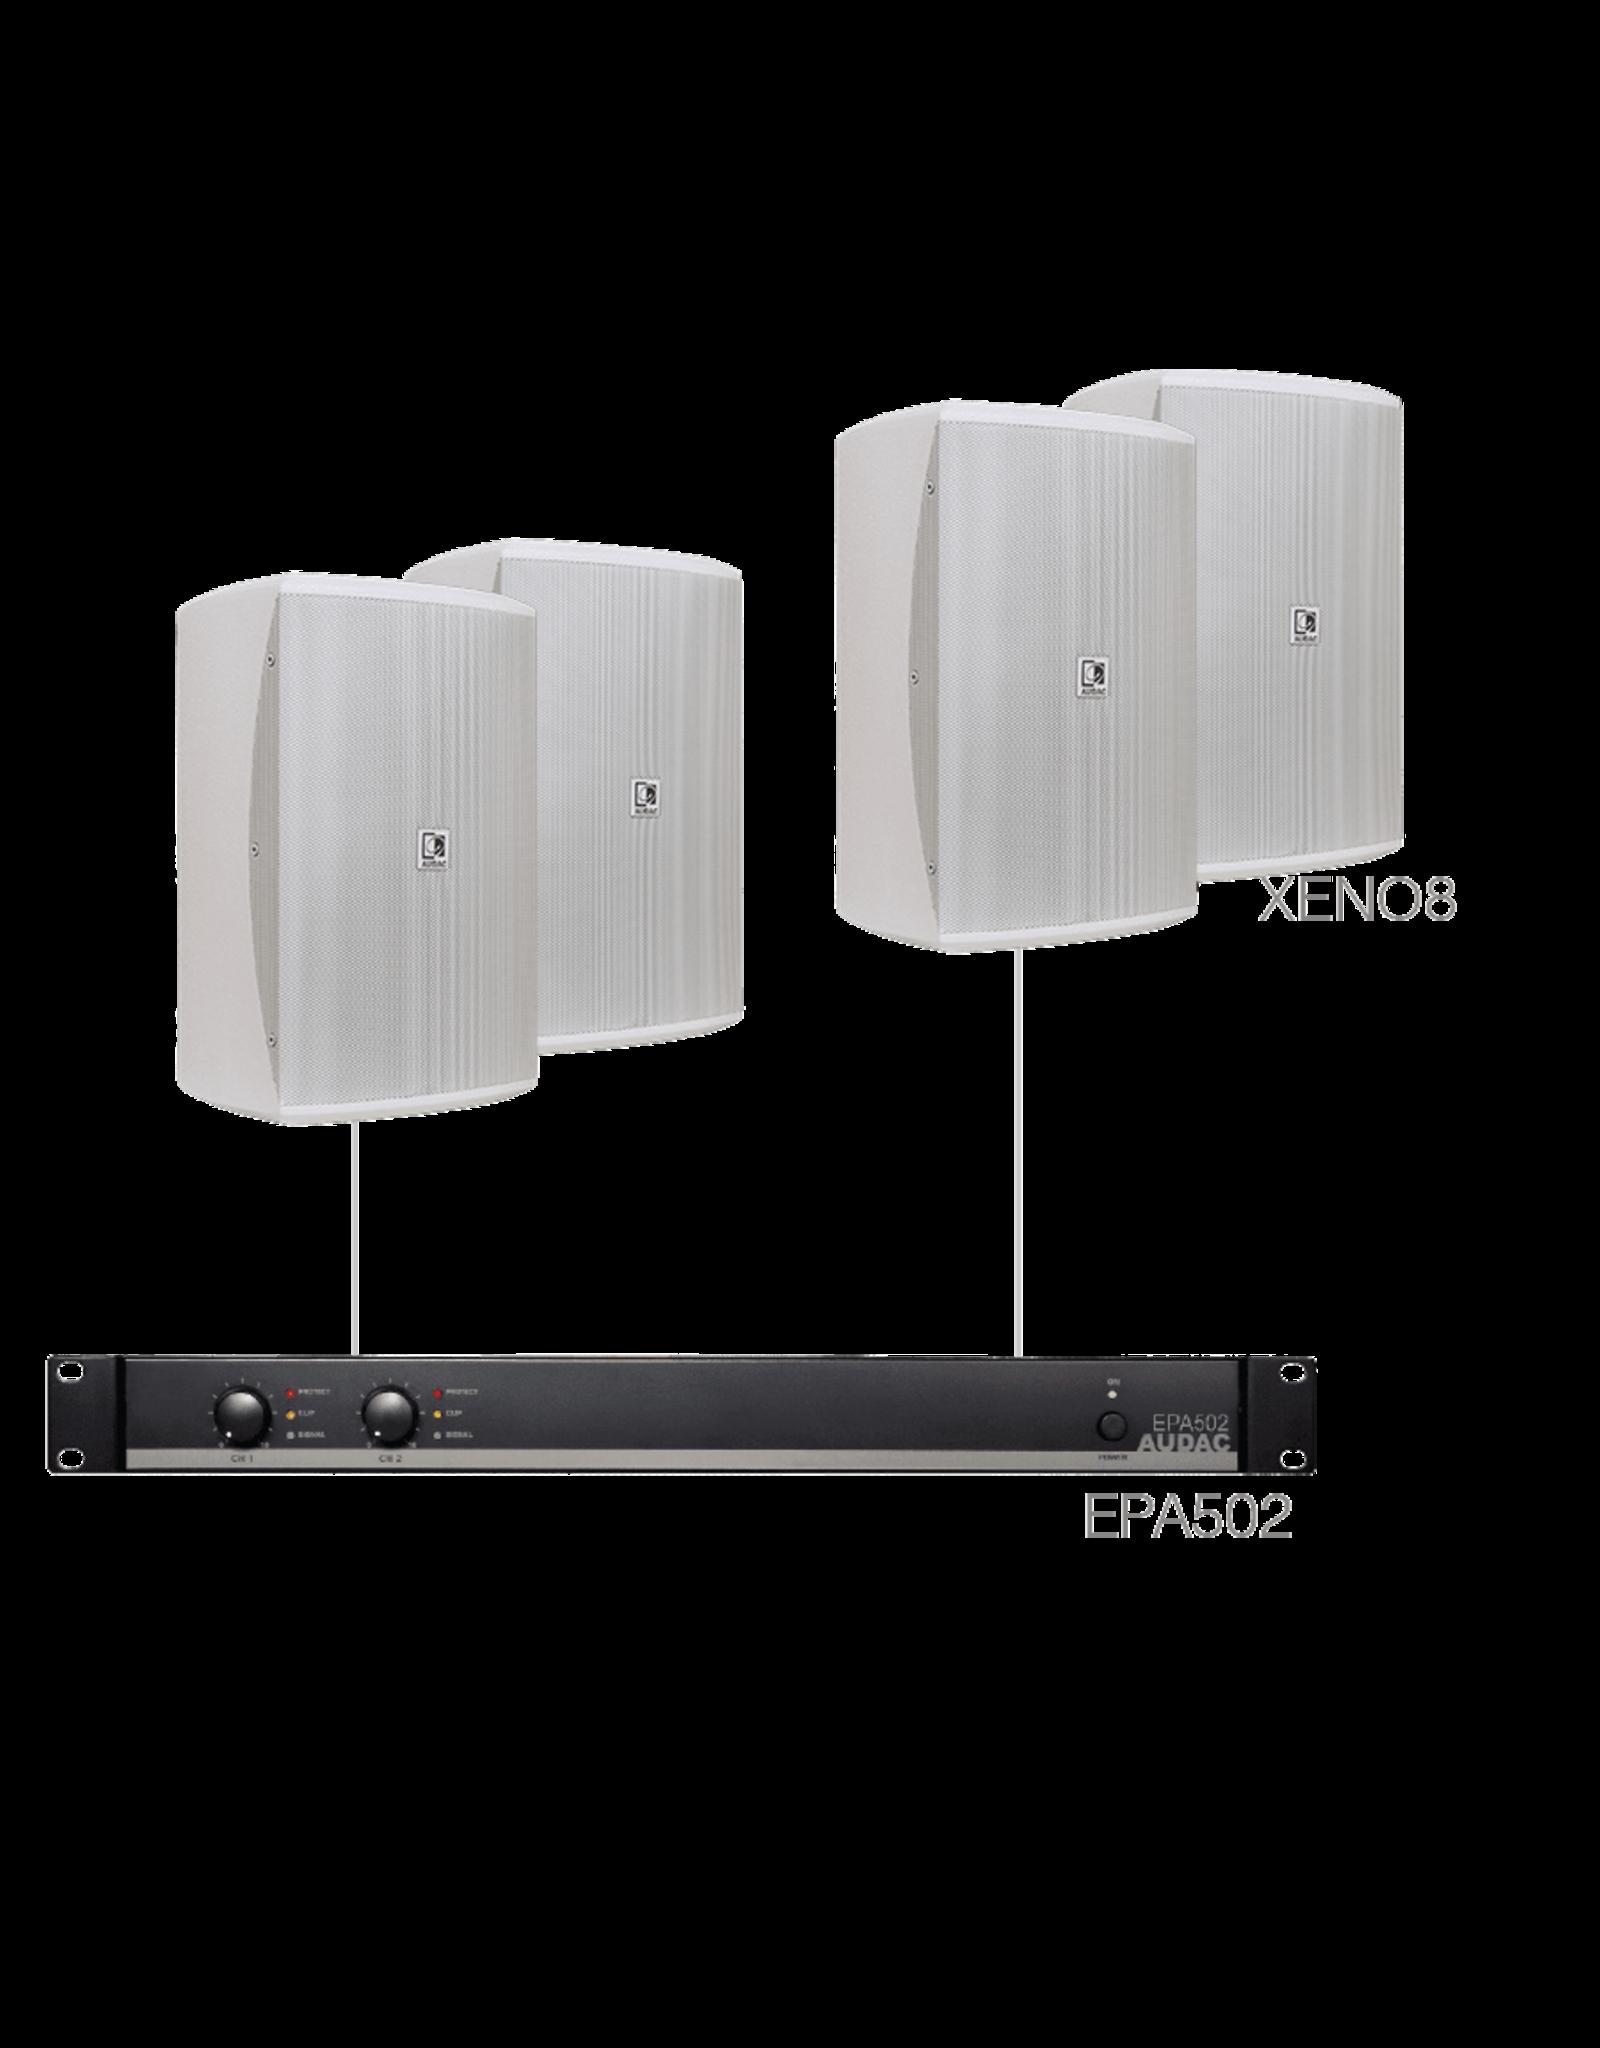 Audac 4 x XENO8 + EPA502 White